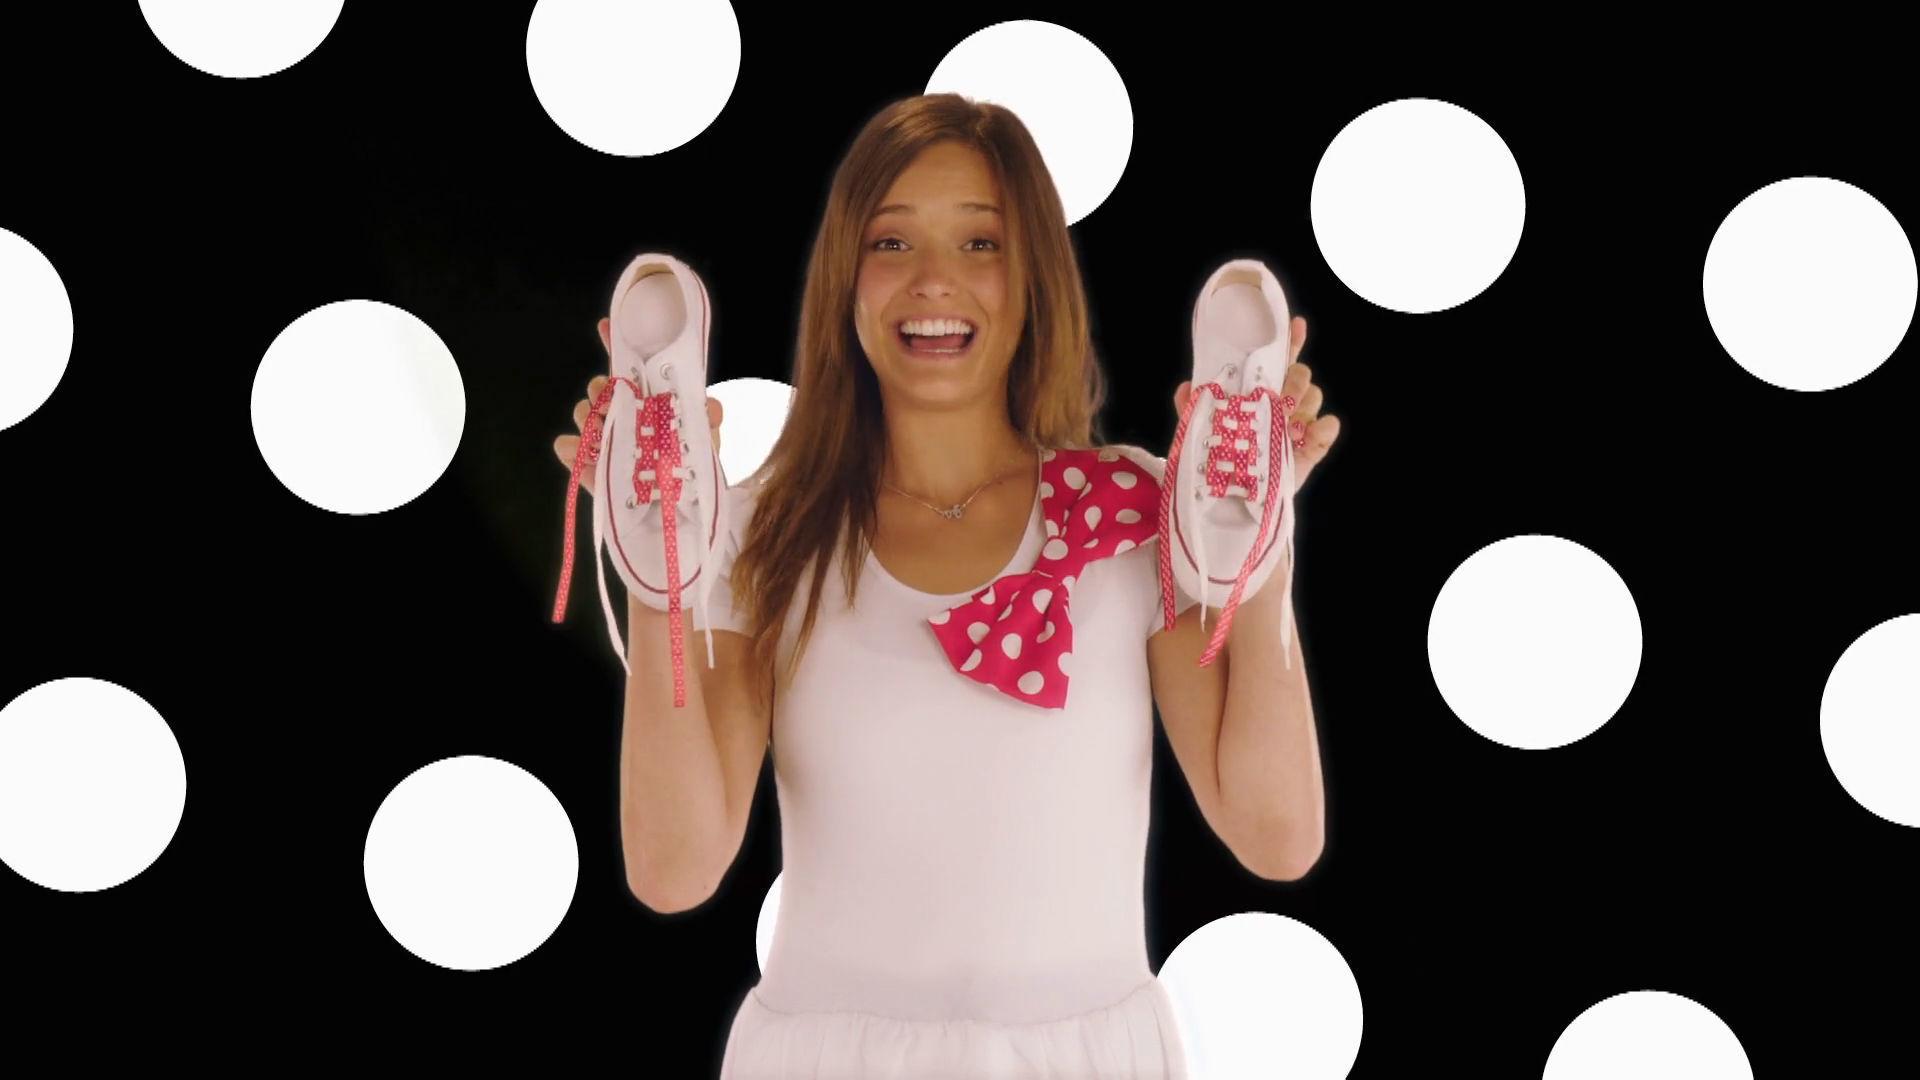 מיני ואני עם ליהי קורנובסקי - איך מכינים נעלי מיני